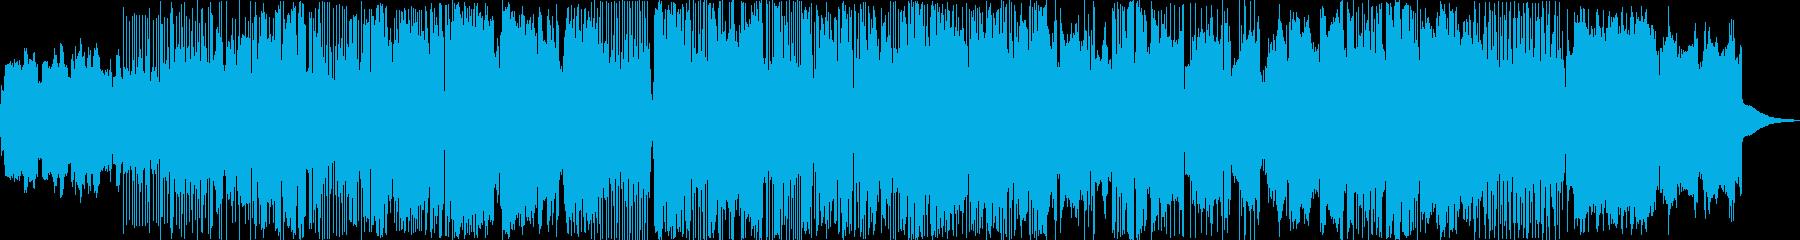 アートでおしゃれな曲。メイキング、CMにの再生済みの波形